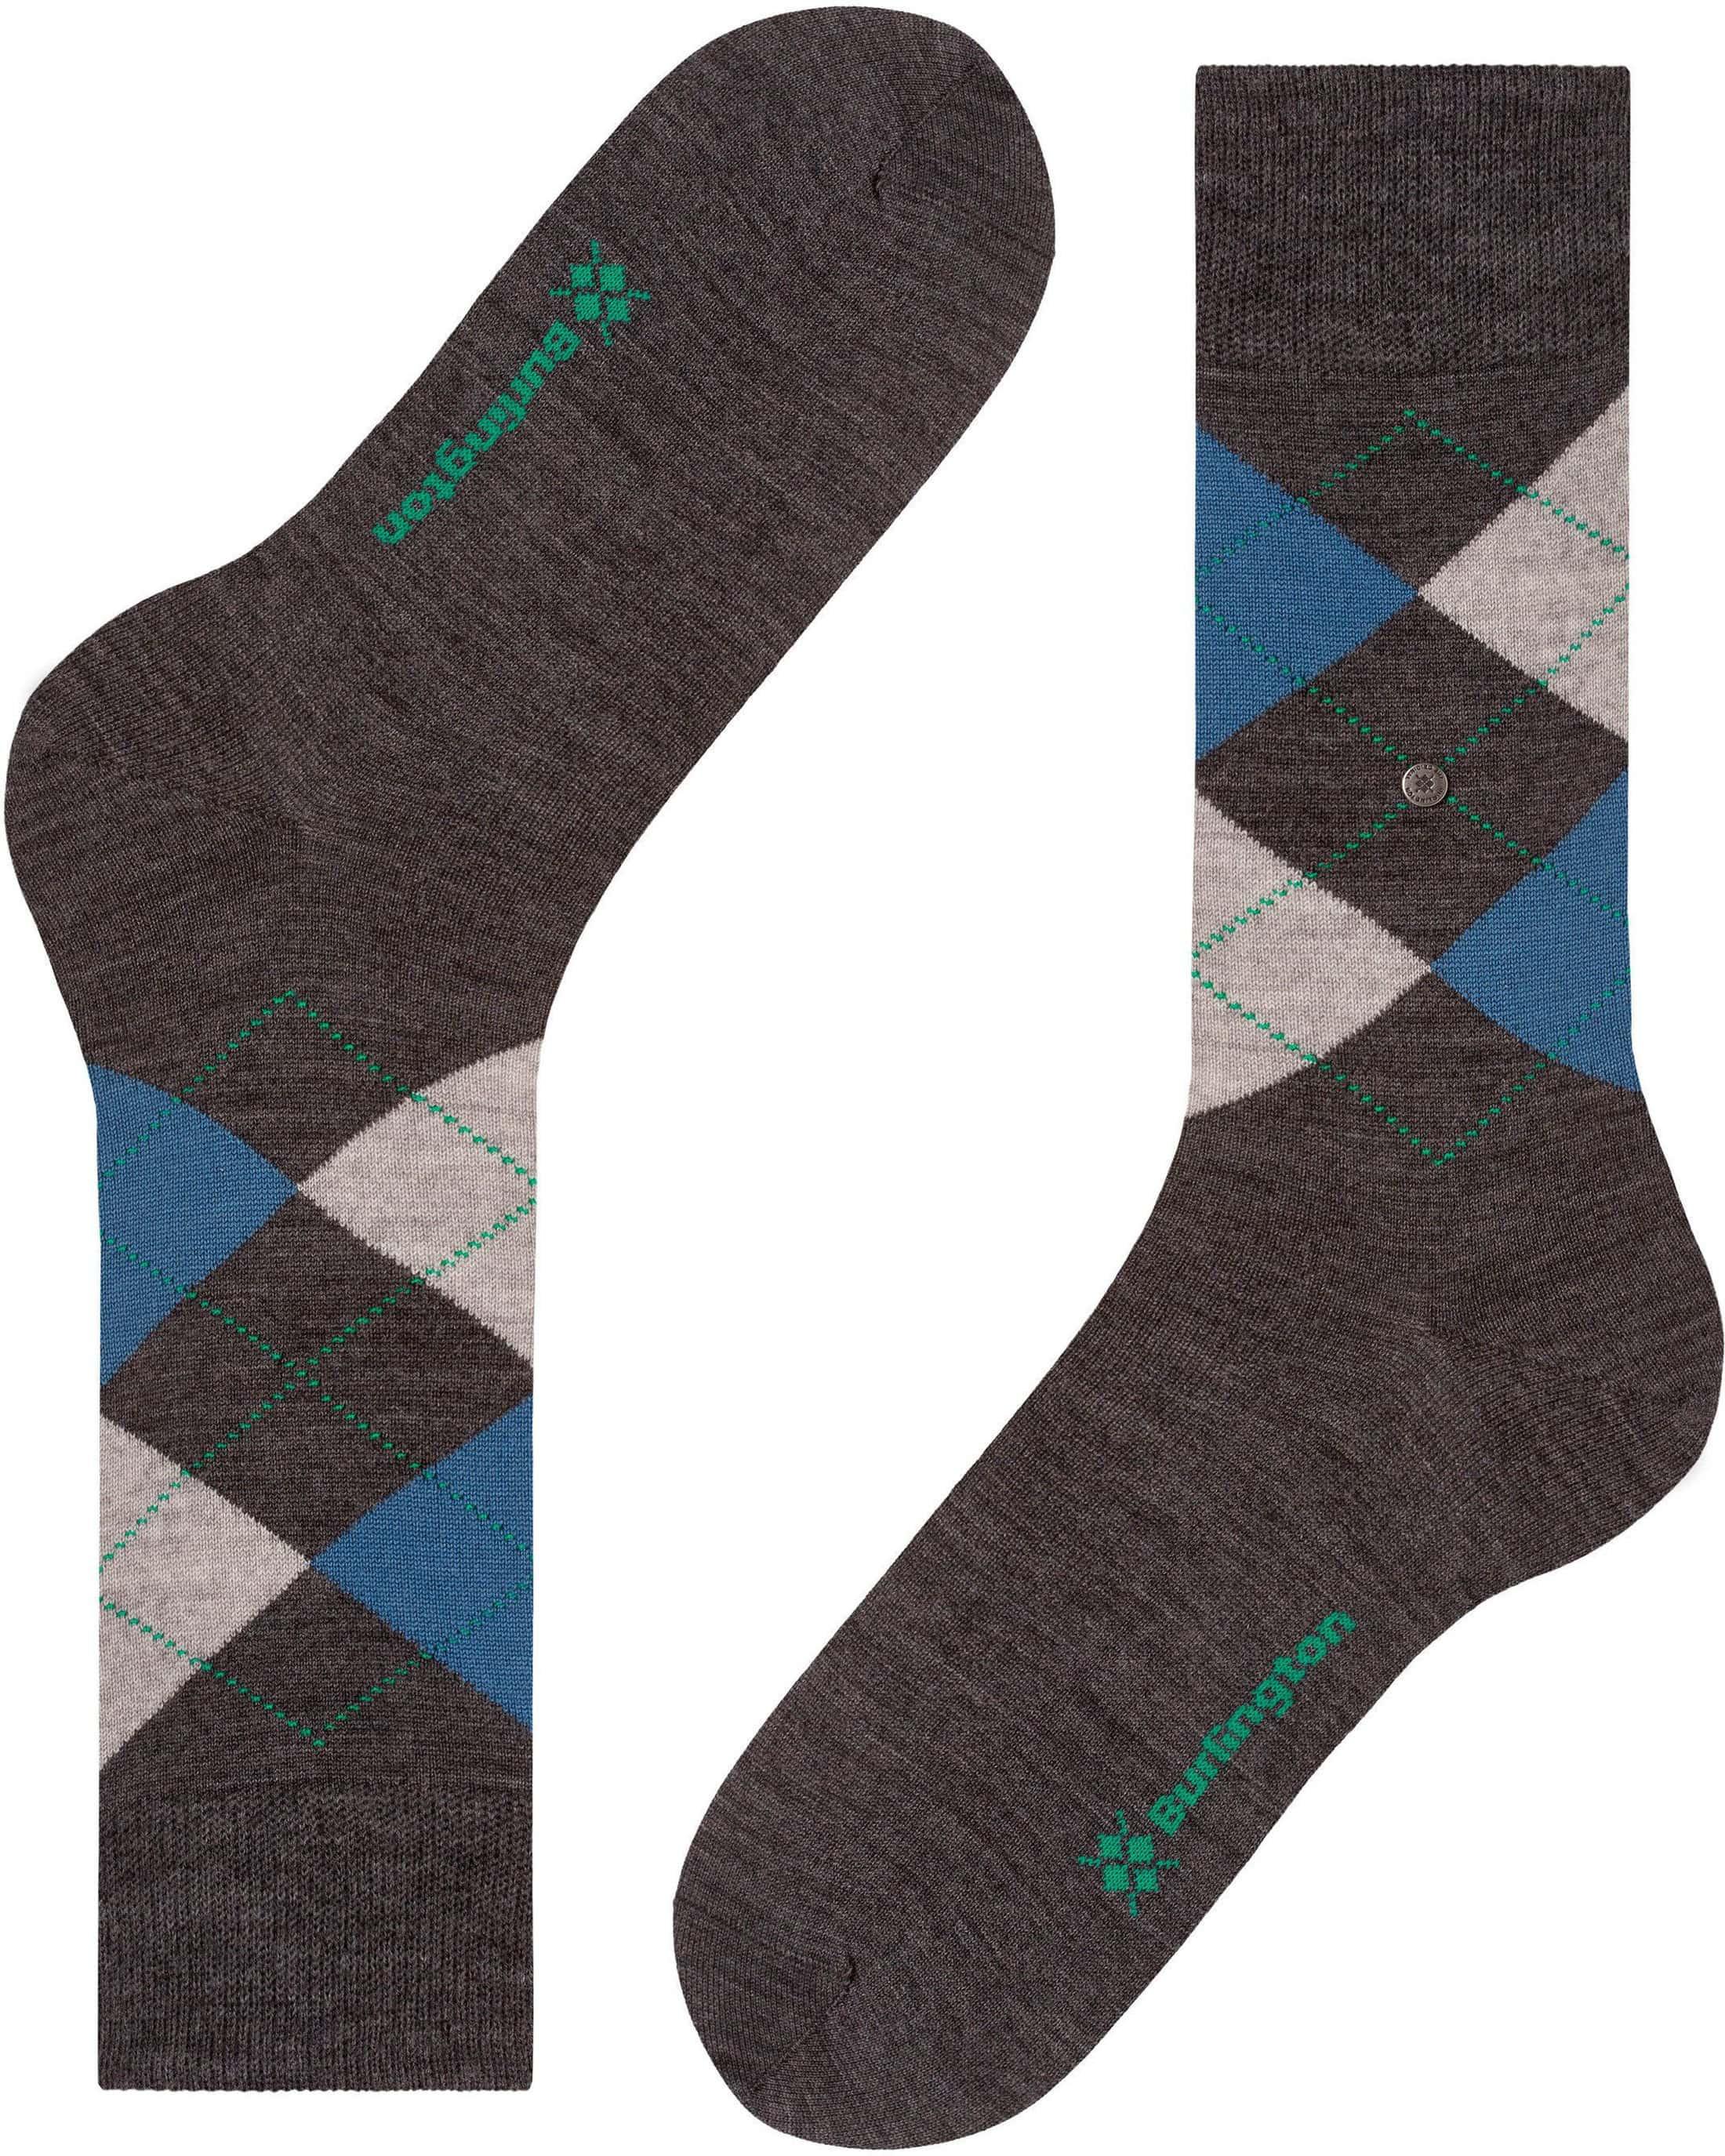 Burlington Socks Edinburgh 3090 foto 2